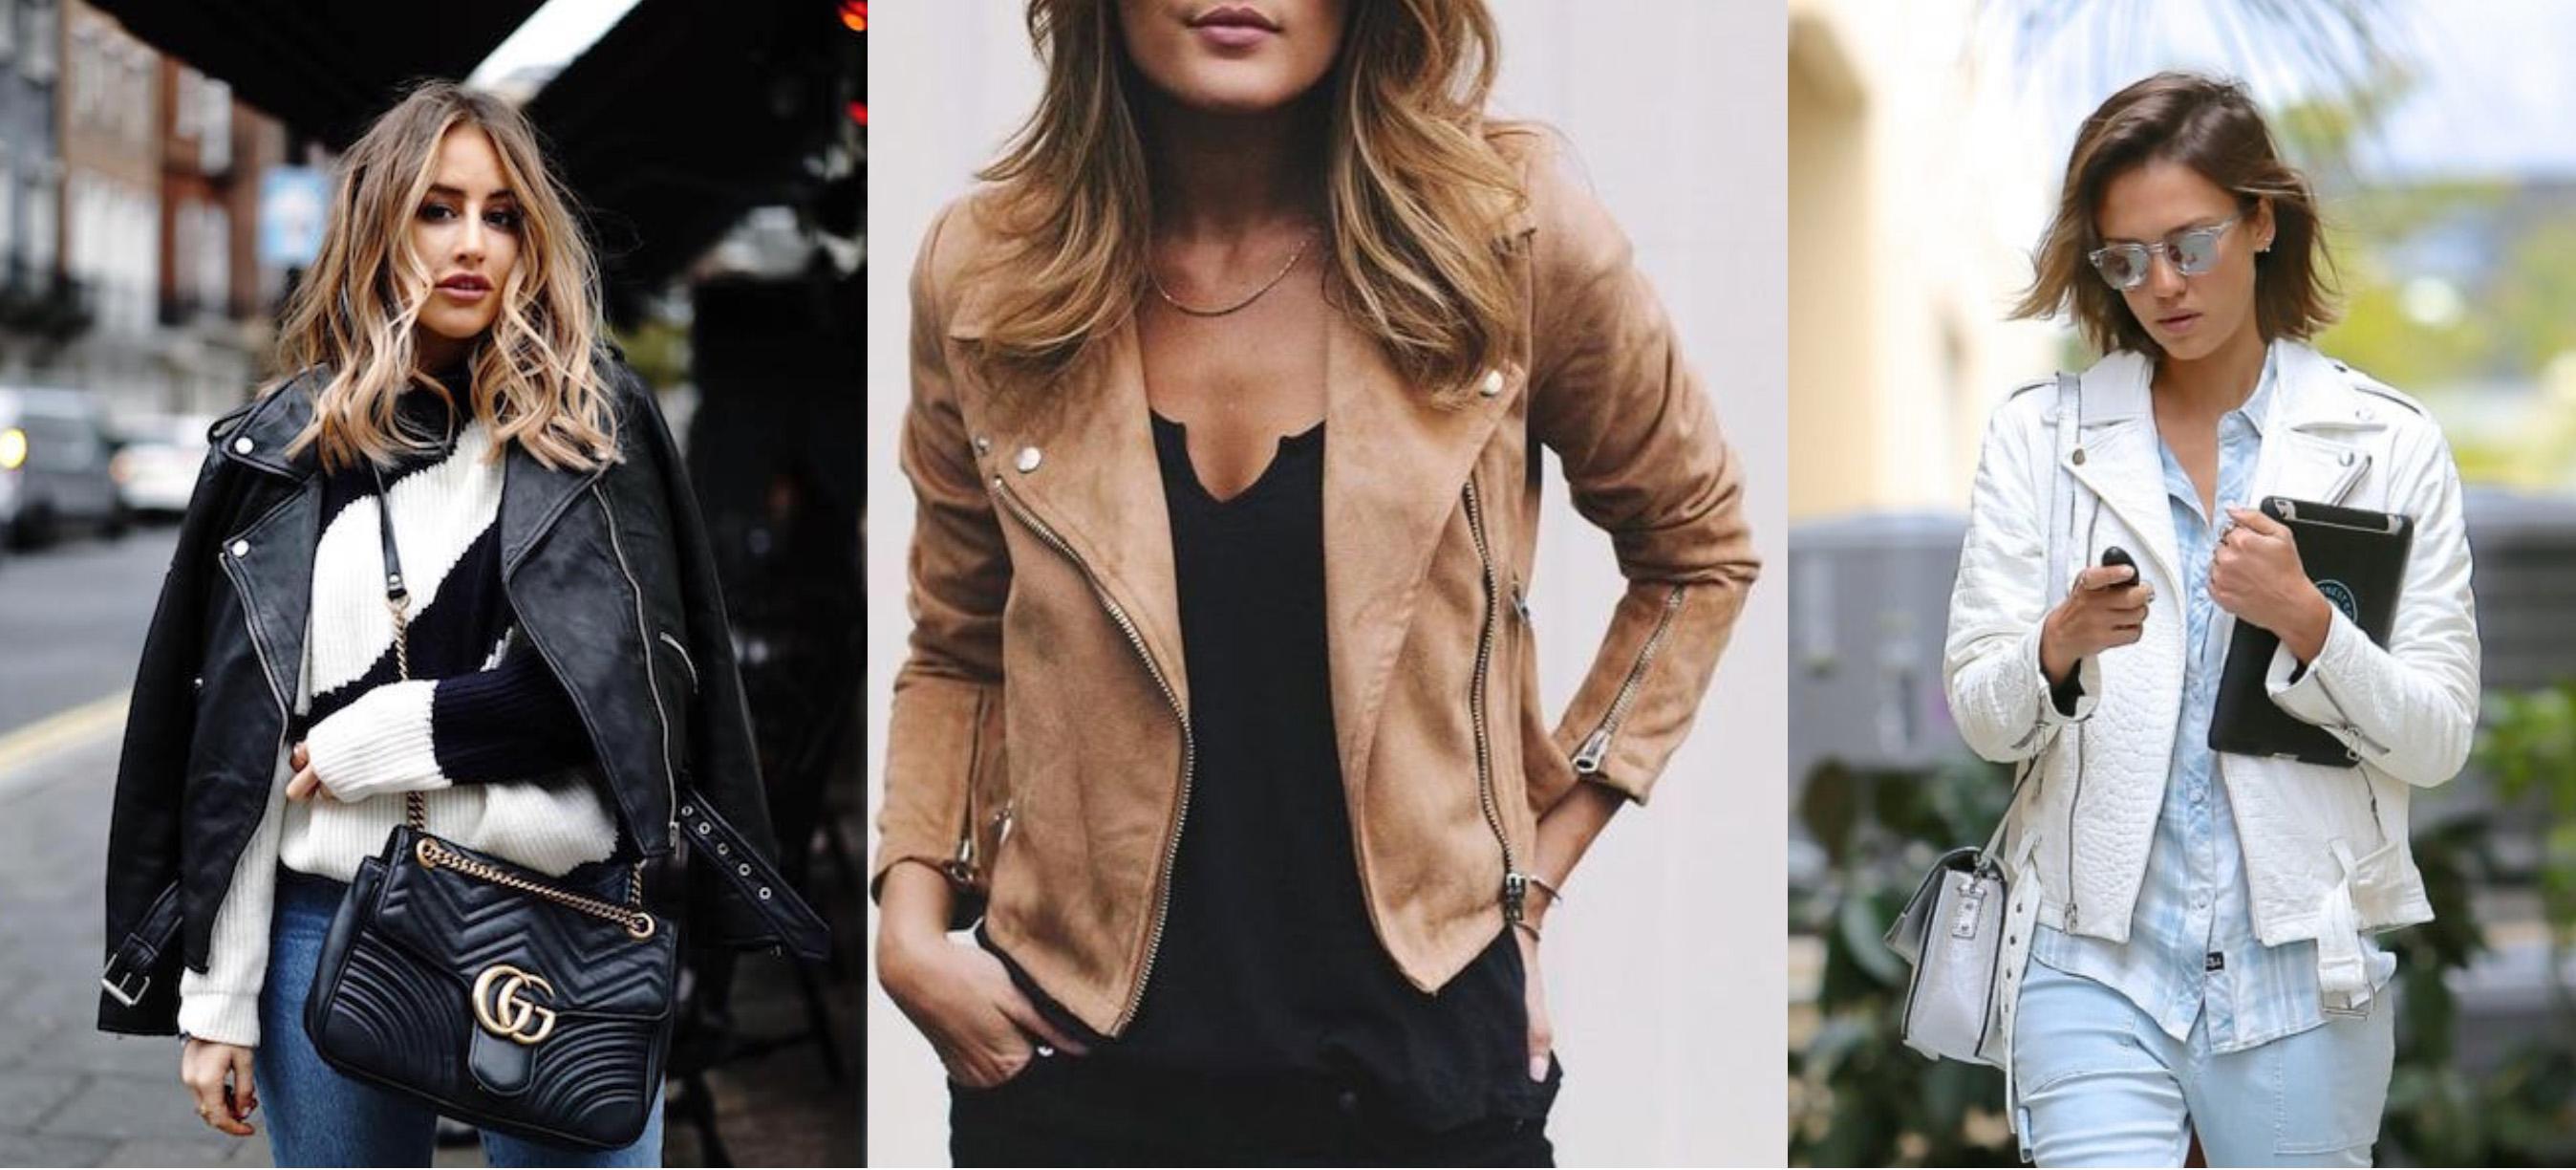 fea4033b4 Ikona módneho priemyslu: kožená bunda. - Magazín len pre ženy